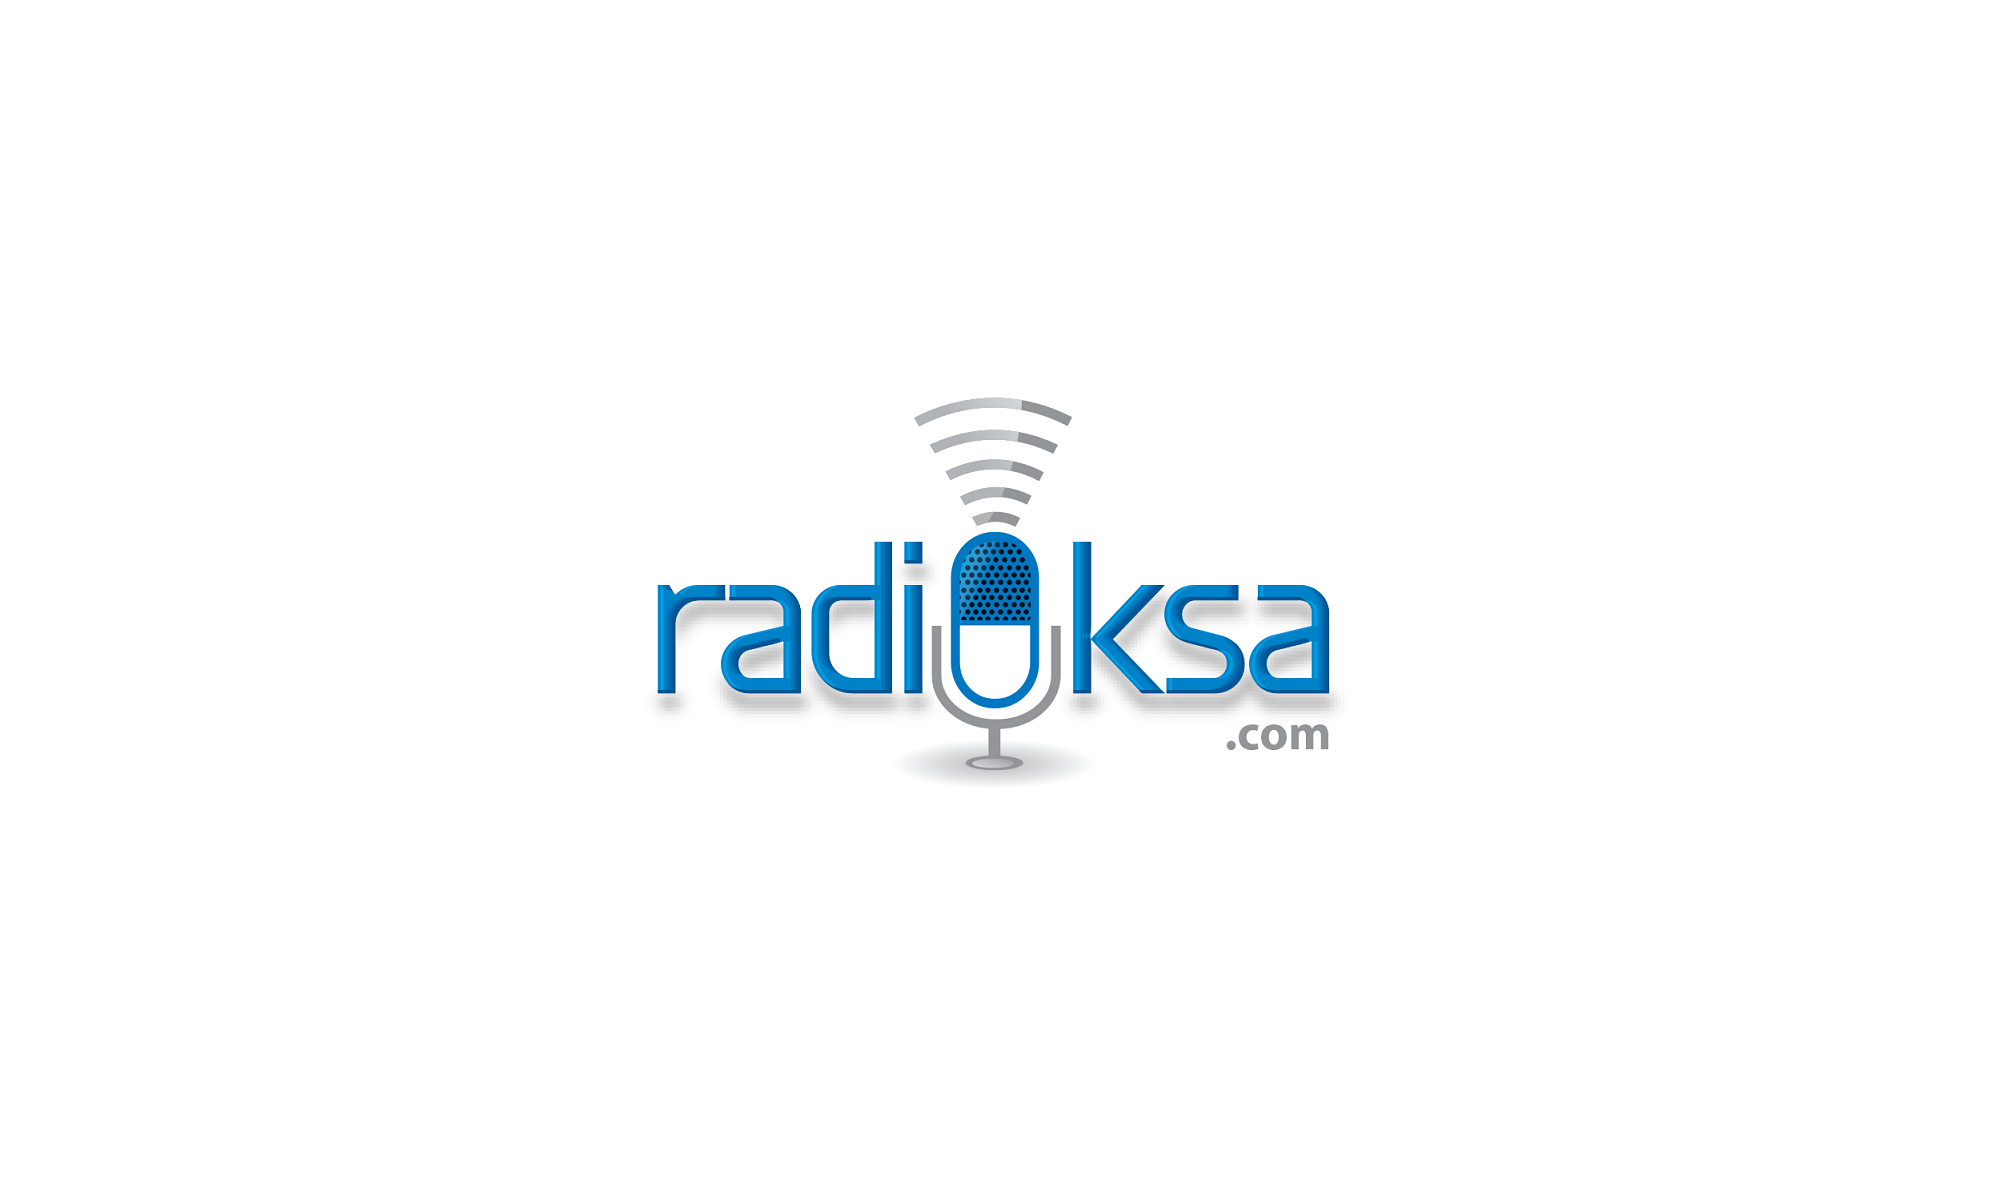 RadioKSA.com